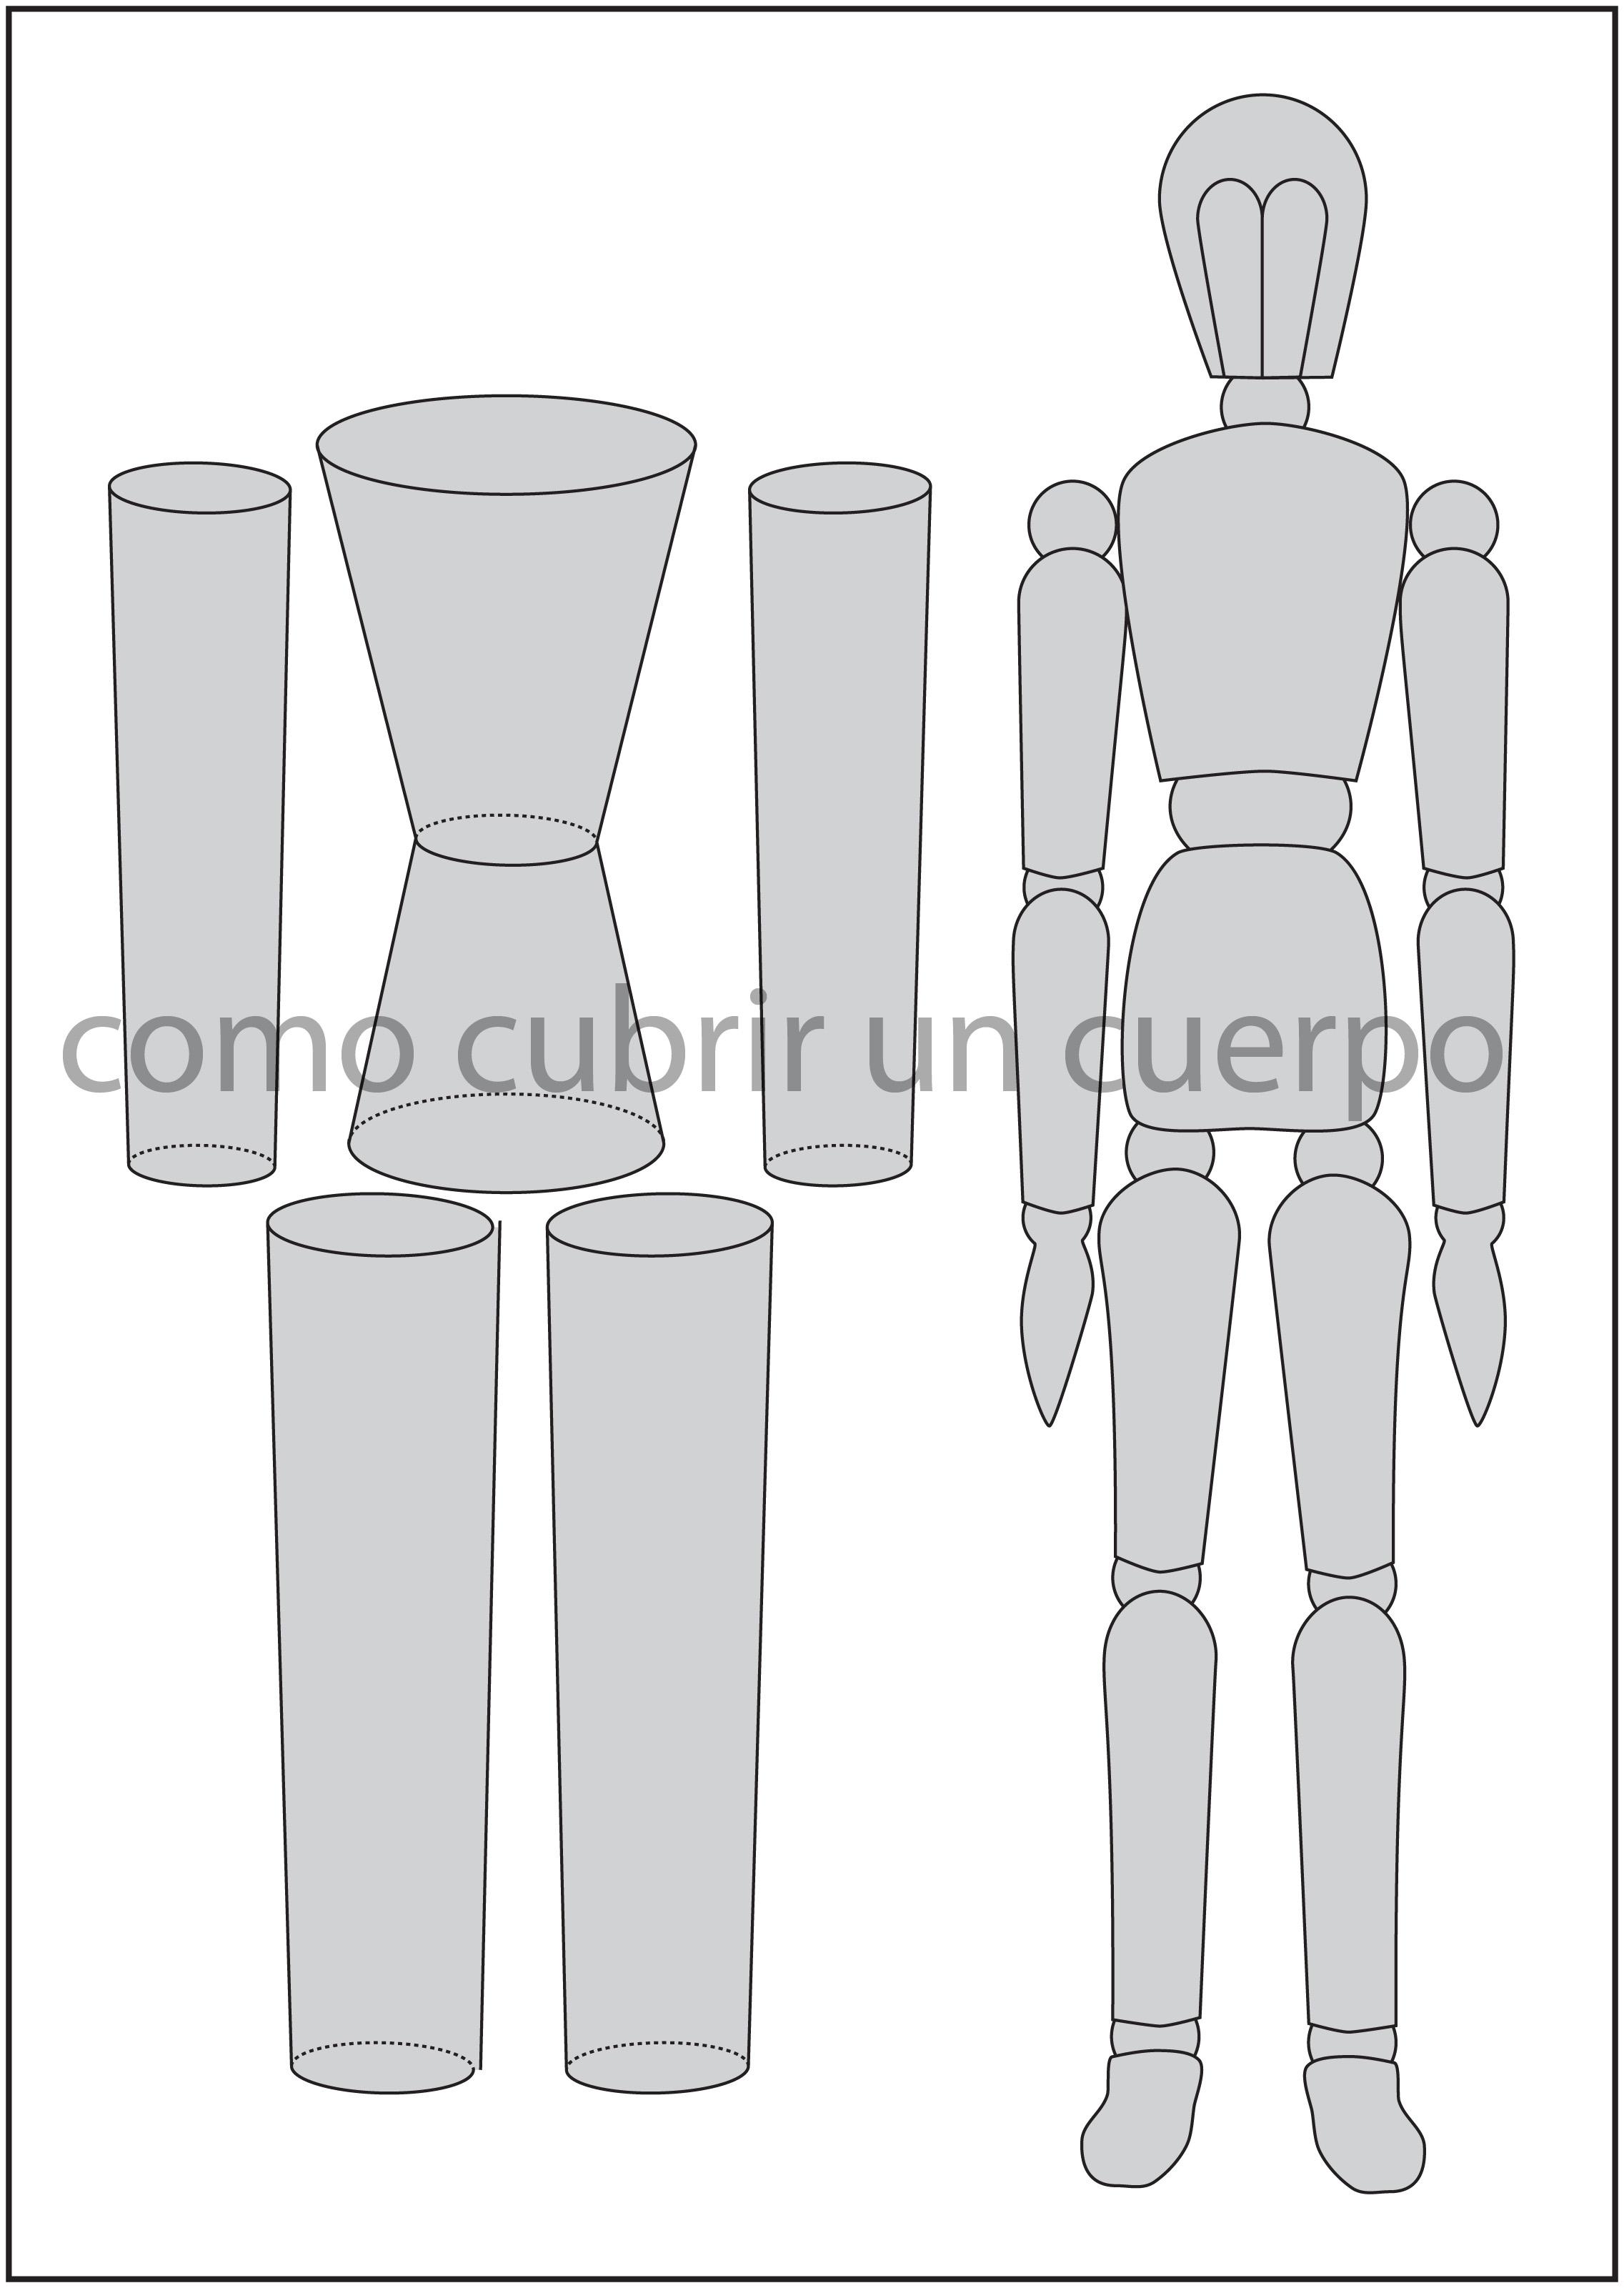 El cuerpo humano y las formas geométricas (1). | Cómo cubrir un cuerpo